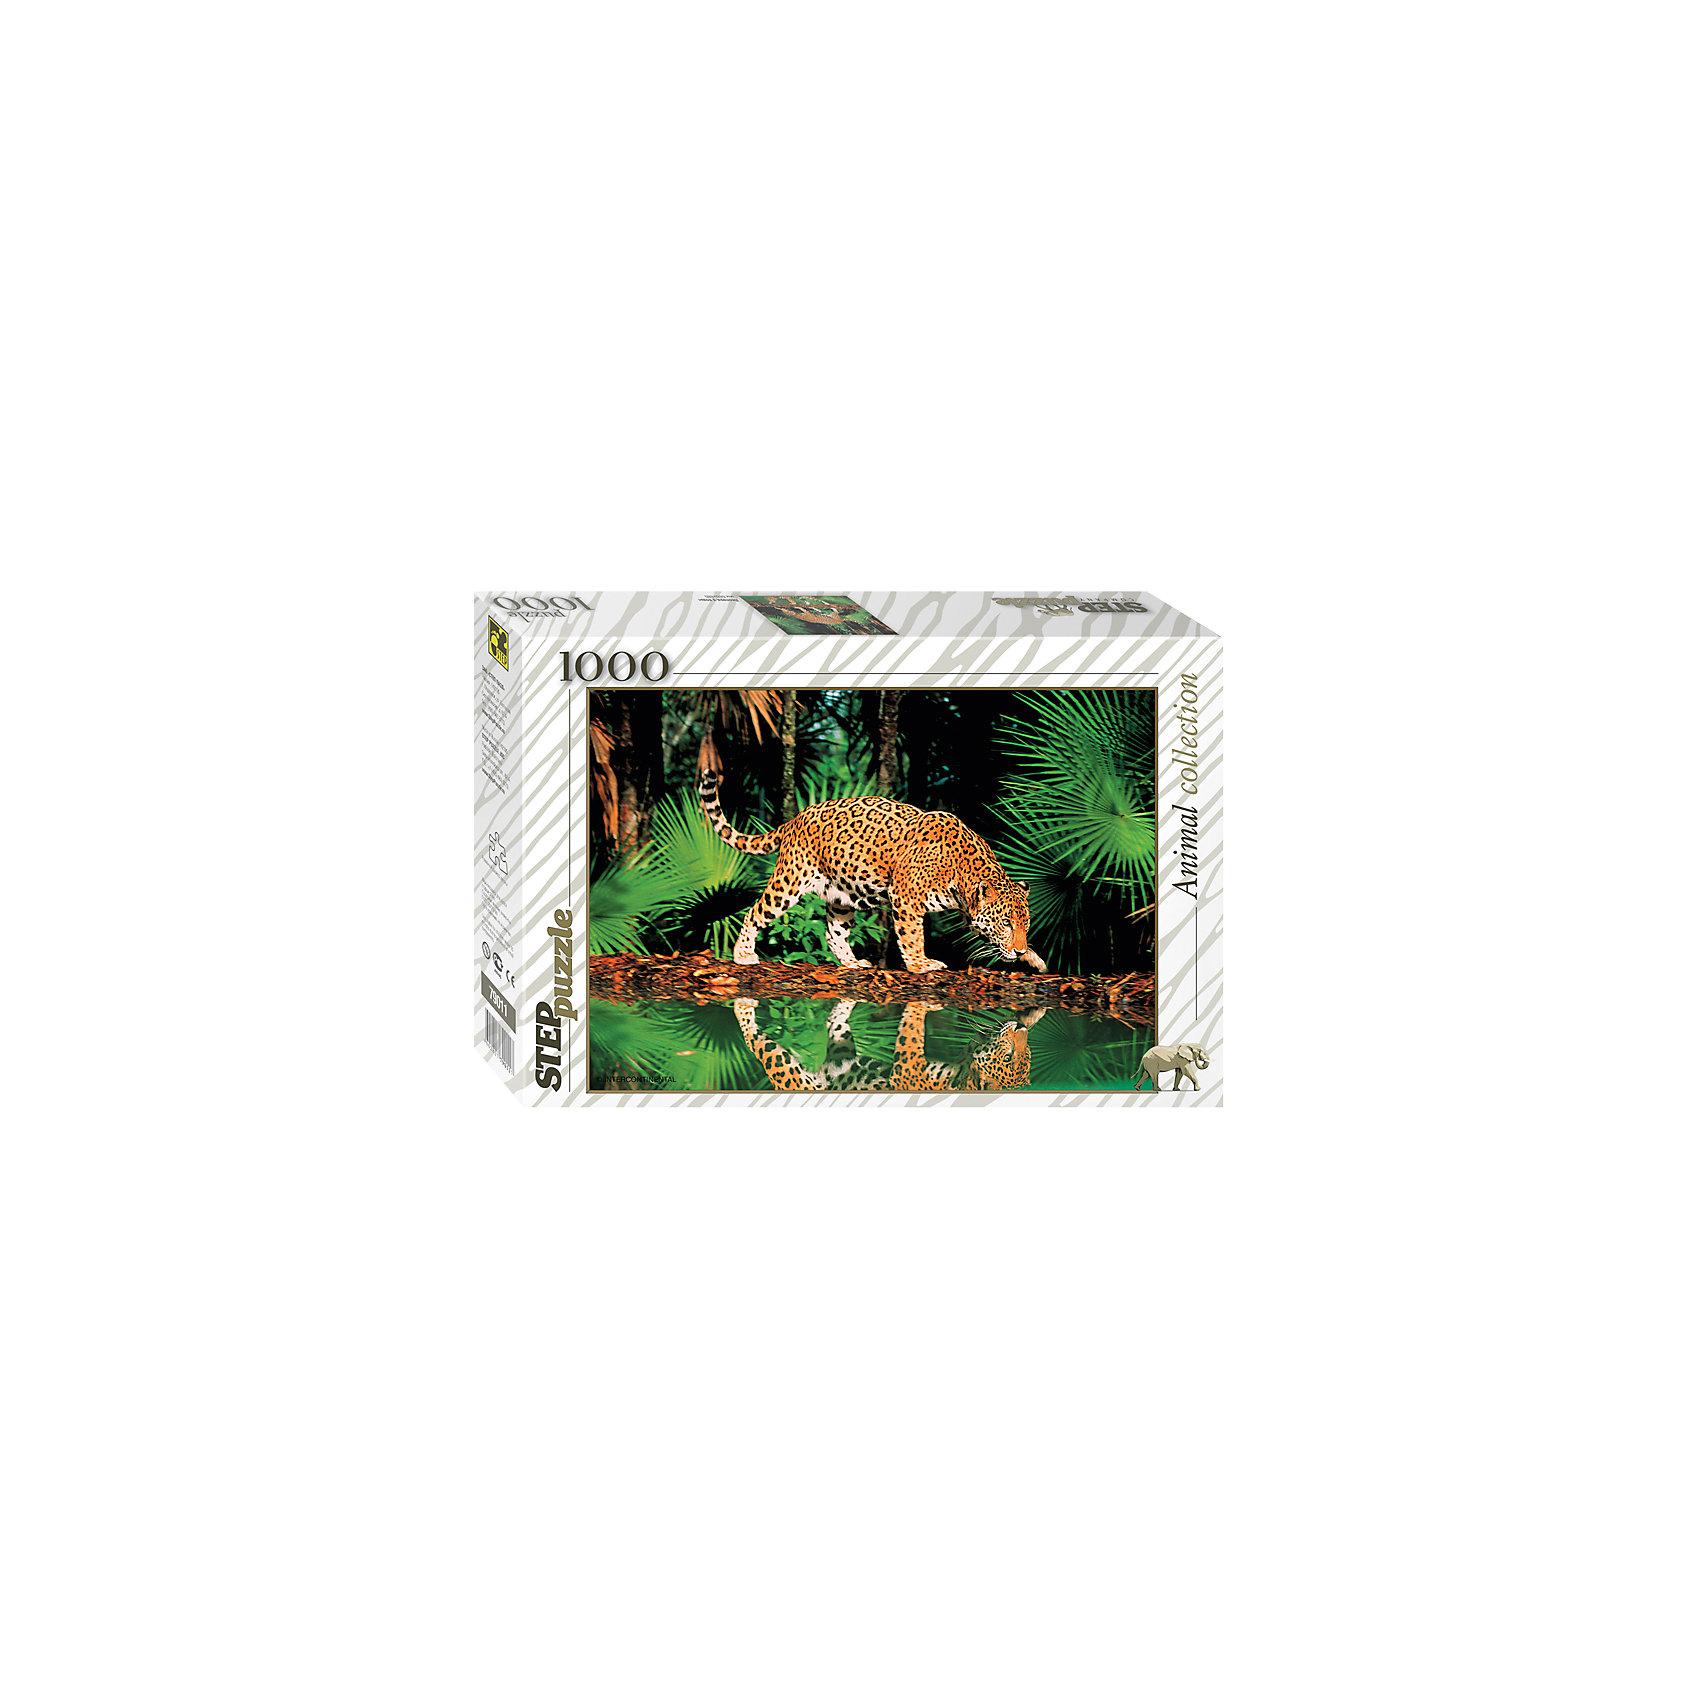 Пазл Леопард у воды, 1000 деталей, Step puzzleПазлы для детей постарше<br>Коллекционный подарочный пазл из серии «Animal Collection» наверняка приведет в восторг любителей дикой природы и прекрасных животных. Леопард самая быстрая кошка на планете. Все его мощное тело как будто каждую минуту готово броситься за добычей. Движения Леопарда очень грациозны. Масштабный пазл Леопард у воды изображает стремительное животное на отдыхе у водоема. Его крепкую фигуру мы видим и в отражении воды. Вы получите истинное наслаждения собирая прекрасные пейзажи саванны и яркое прекрасное животное. Вас обрадует прекрасное качество деталей и высокая точность в подгонке деталей. Сборка красивых пазлов прекрасное занятие для всей семьи. Готовая картина станет оригинальным украшением квартиры и поразит Ваших гостей своим великолепием и яркими красками.<br><br>Дополнительная информация:<br><br>- Количество деталей: 1000;<br>- Уникальное качество деталей;<br>- Развивает: воображение, логику, мелкую моторику, память;<br>- Чудесное украшение интерьера;<br>- Прекрасная полиграфия;<br>- Размер упаковки: 39 x 27 x 5 см;<br>- Размер готовой картинки: 68 х 48 см;<br>- Вес: 0,7 кг.<br><br>Пазл «Леопард у воды», 1000 деталей, Степ Пазл можно купить в нашем интернет-магазине.<br><br>Ширина мм: 40<br>Глубина мм: 27<br>Высота мм: 6<br>Вес г: 778<br>Возраст от месяцев: 168<br>Возраст до месяцев: 216<br>Пол: Унисекс<br>Возраст: Детский<br>Количество деталей: 1000<br>SKU: 4162763